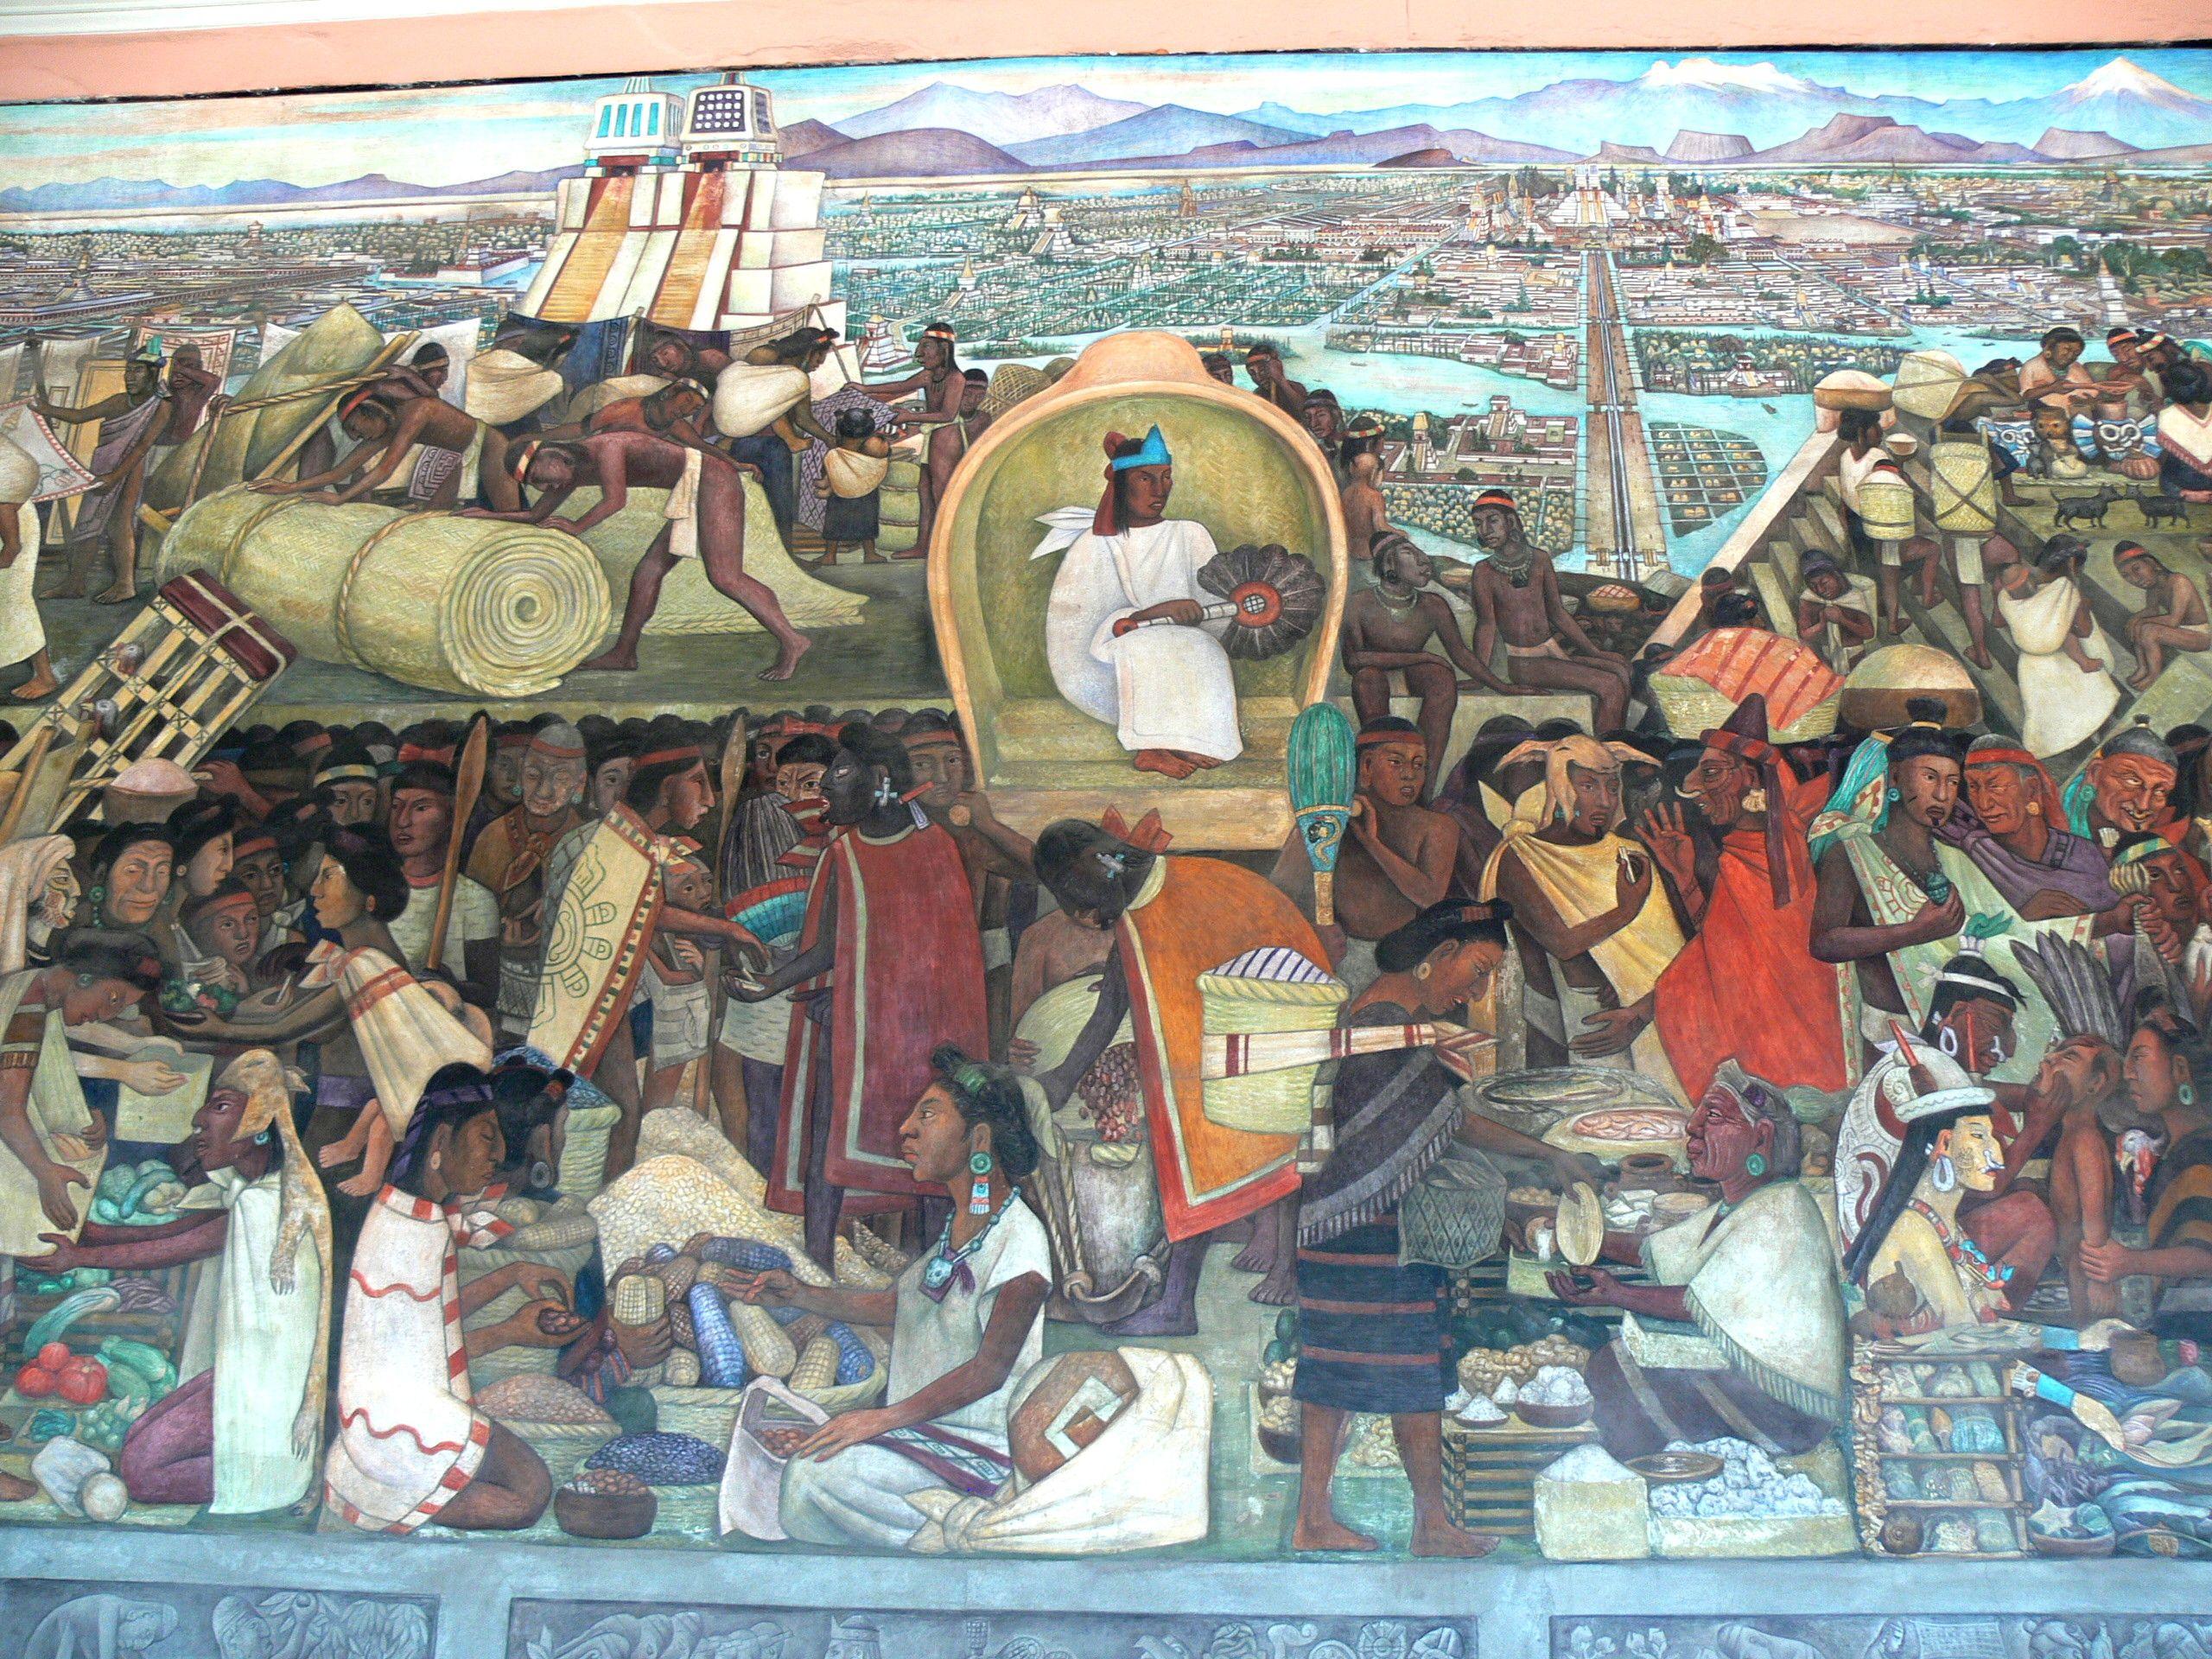 Mural D. Rivera Mural de Rivera mostrando la vida de los aztecas en el mercado de Tlatelolco. Palacio Nacional de Ciudad de México (gracias Manuela M.)